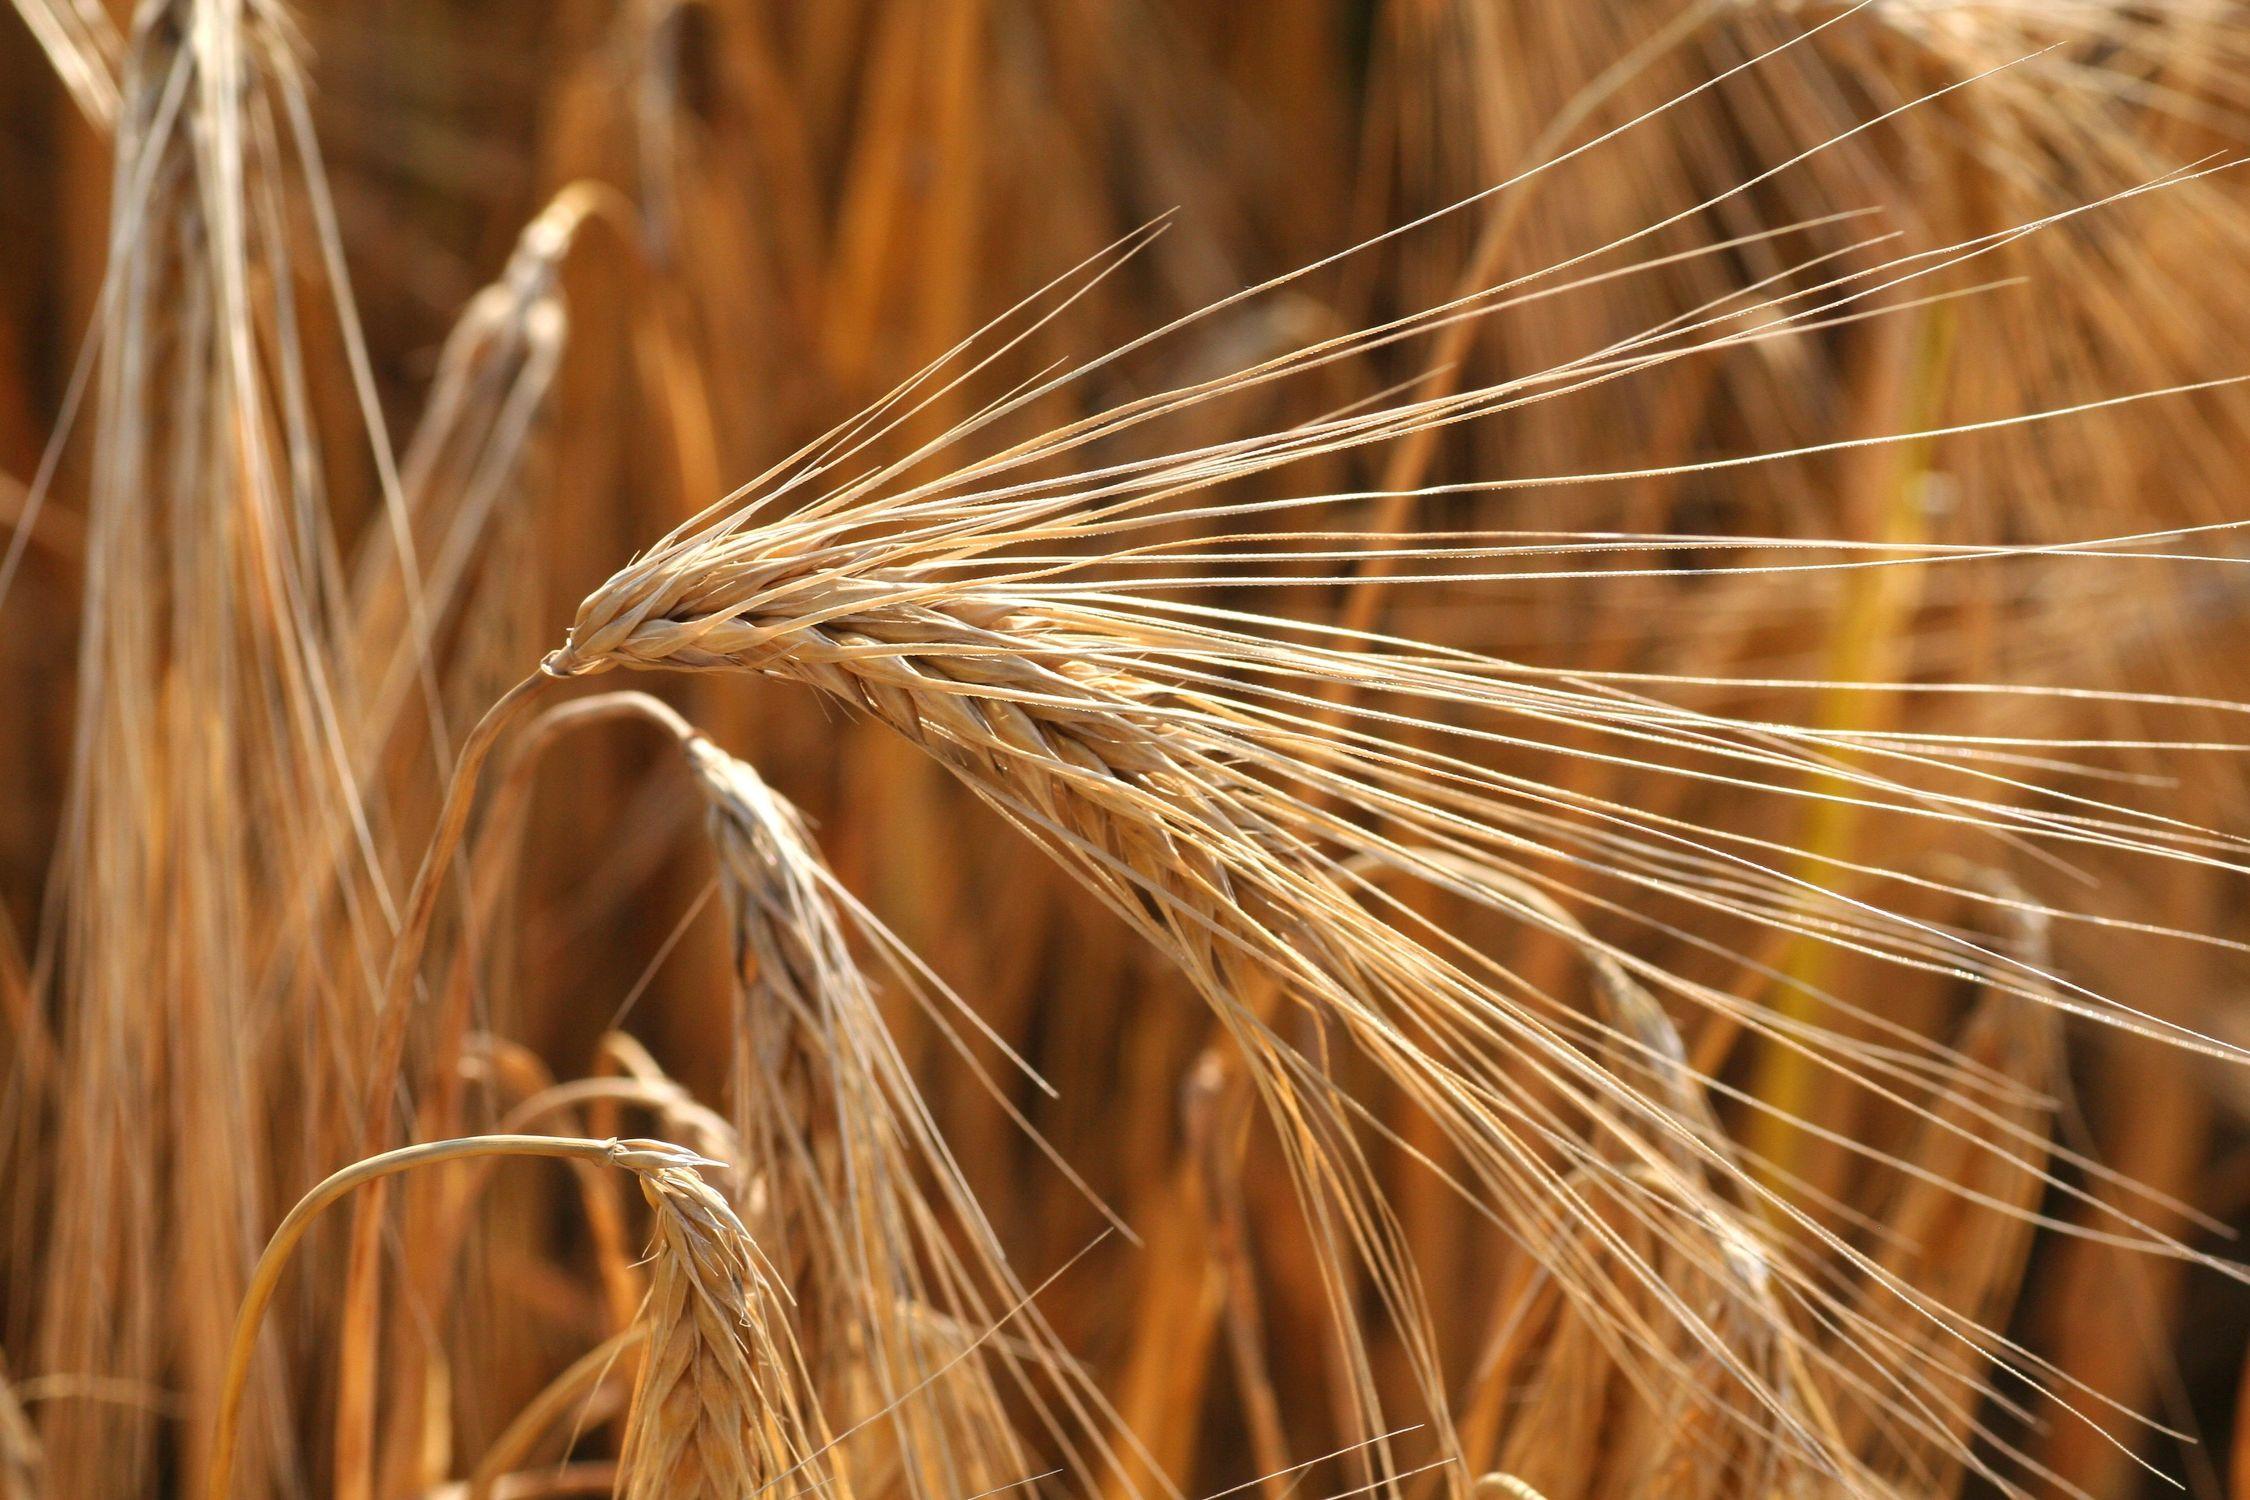 Bild mit Natur, Gräser, Getreide, Feld, Felder, landwirtschaft, Weizen